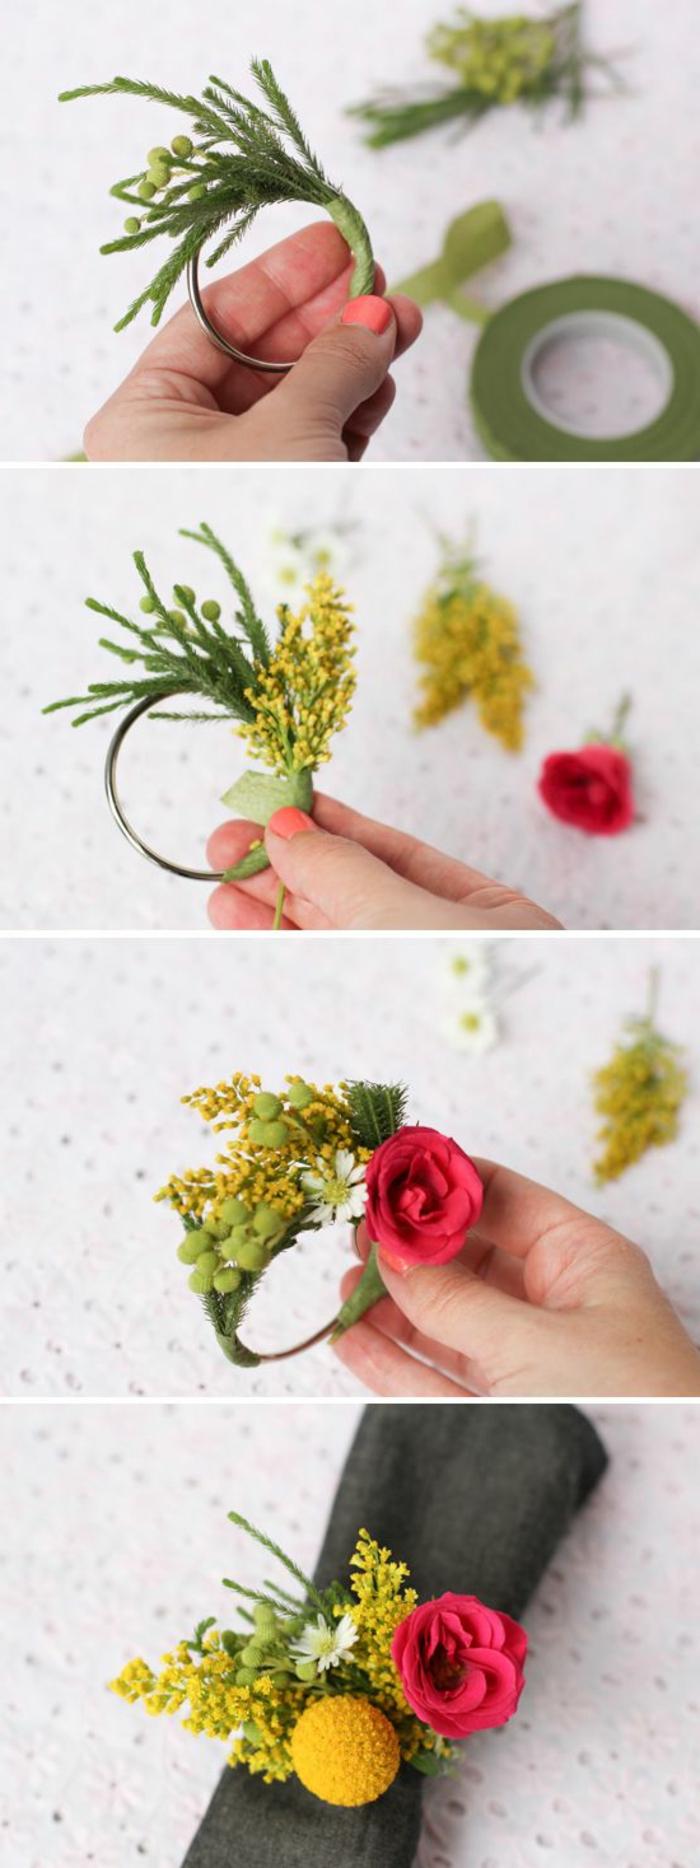 proposta originale per oggettistica fatta a mano, un portatovaglioli creato con fiori e rami di mimosa